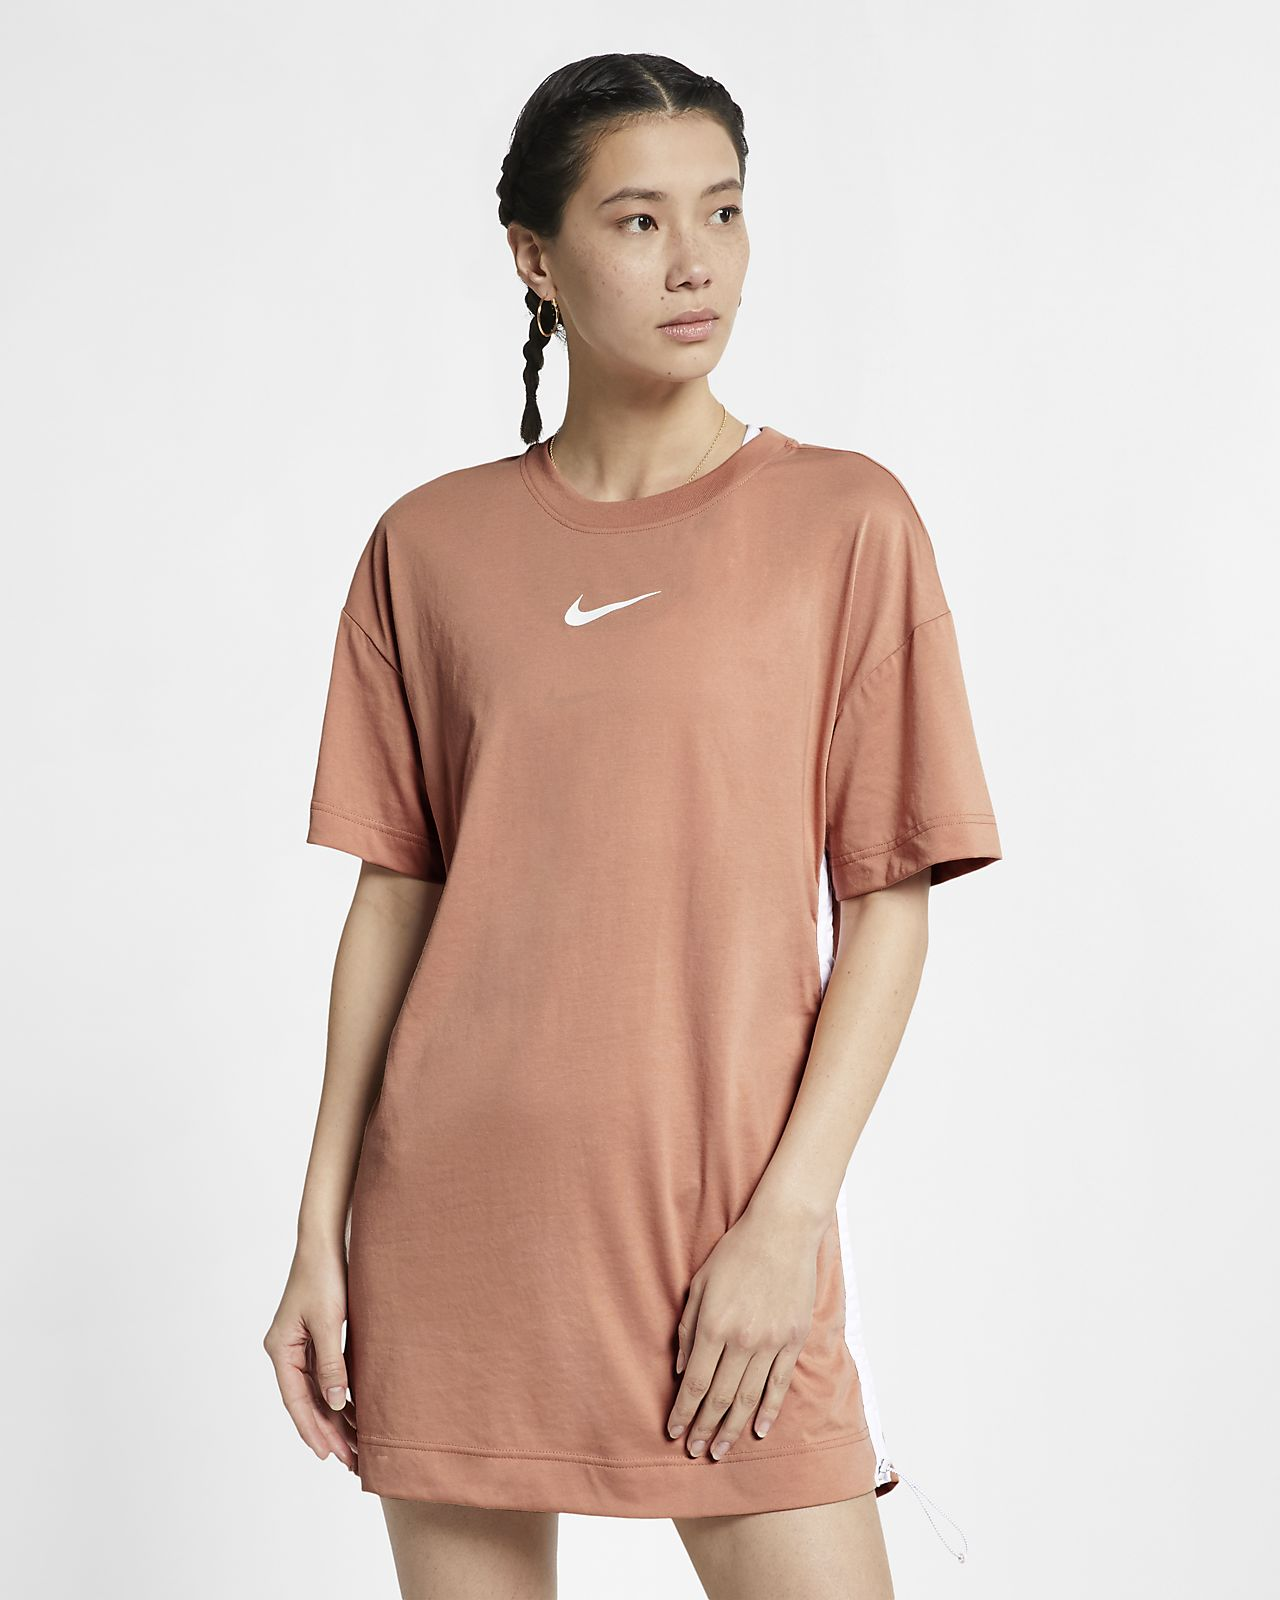 fde43ce0b31 Low Resolution Nike Sportswear Swoosh Women s Dress Nike Sportswear Swoosh  Women s Dress